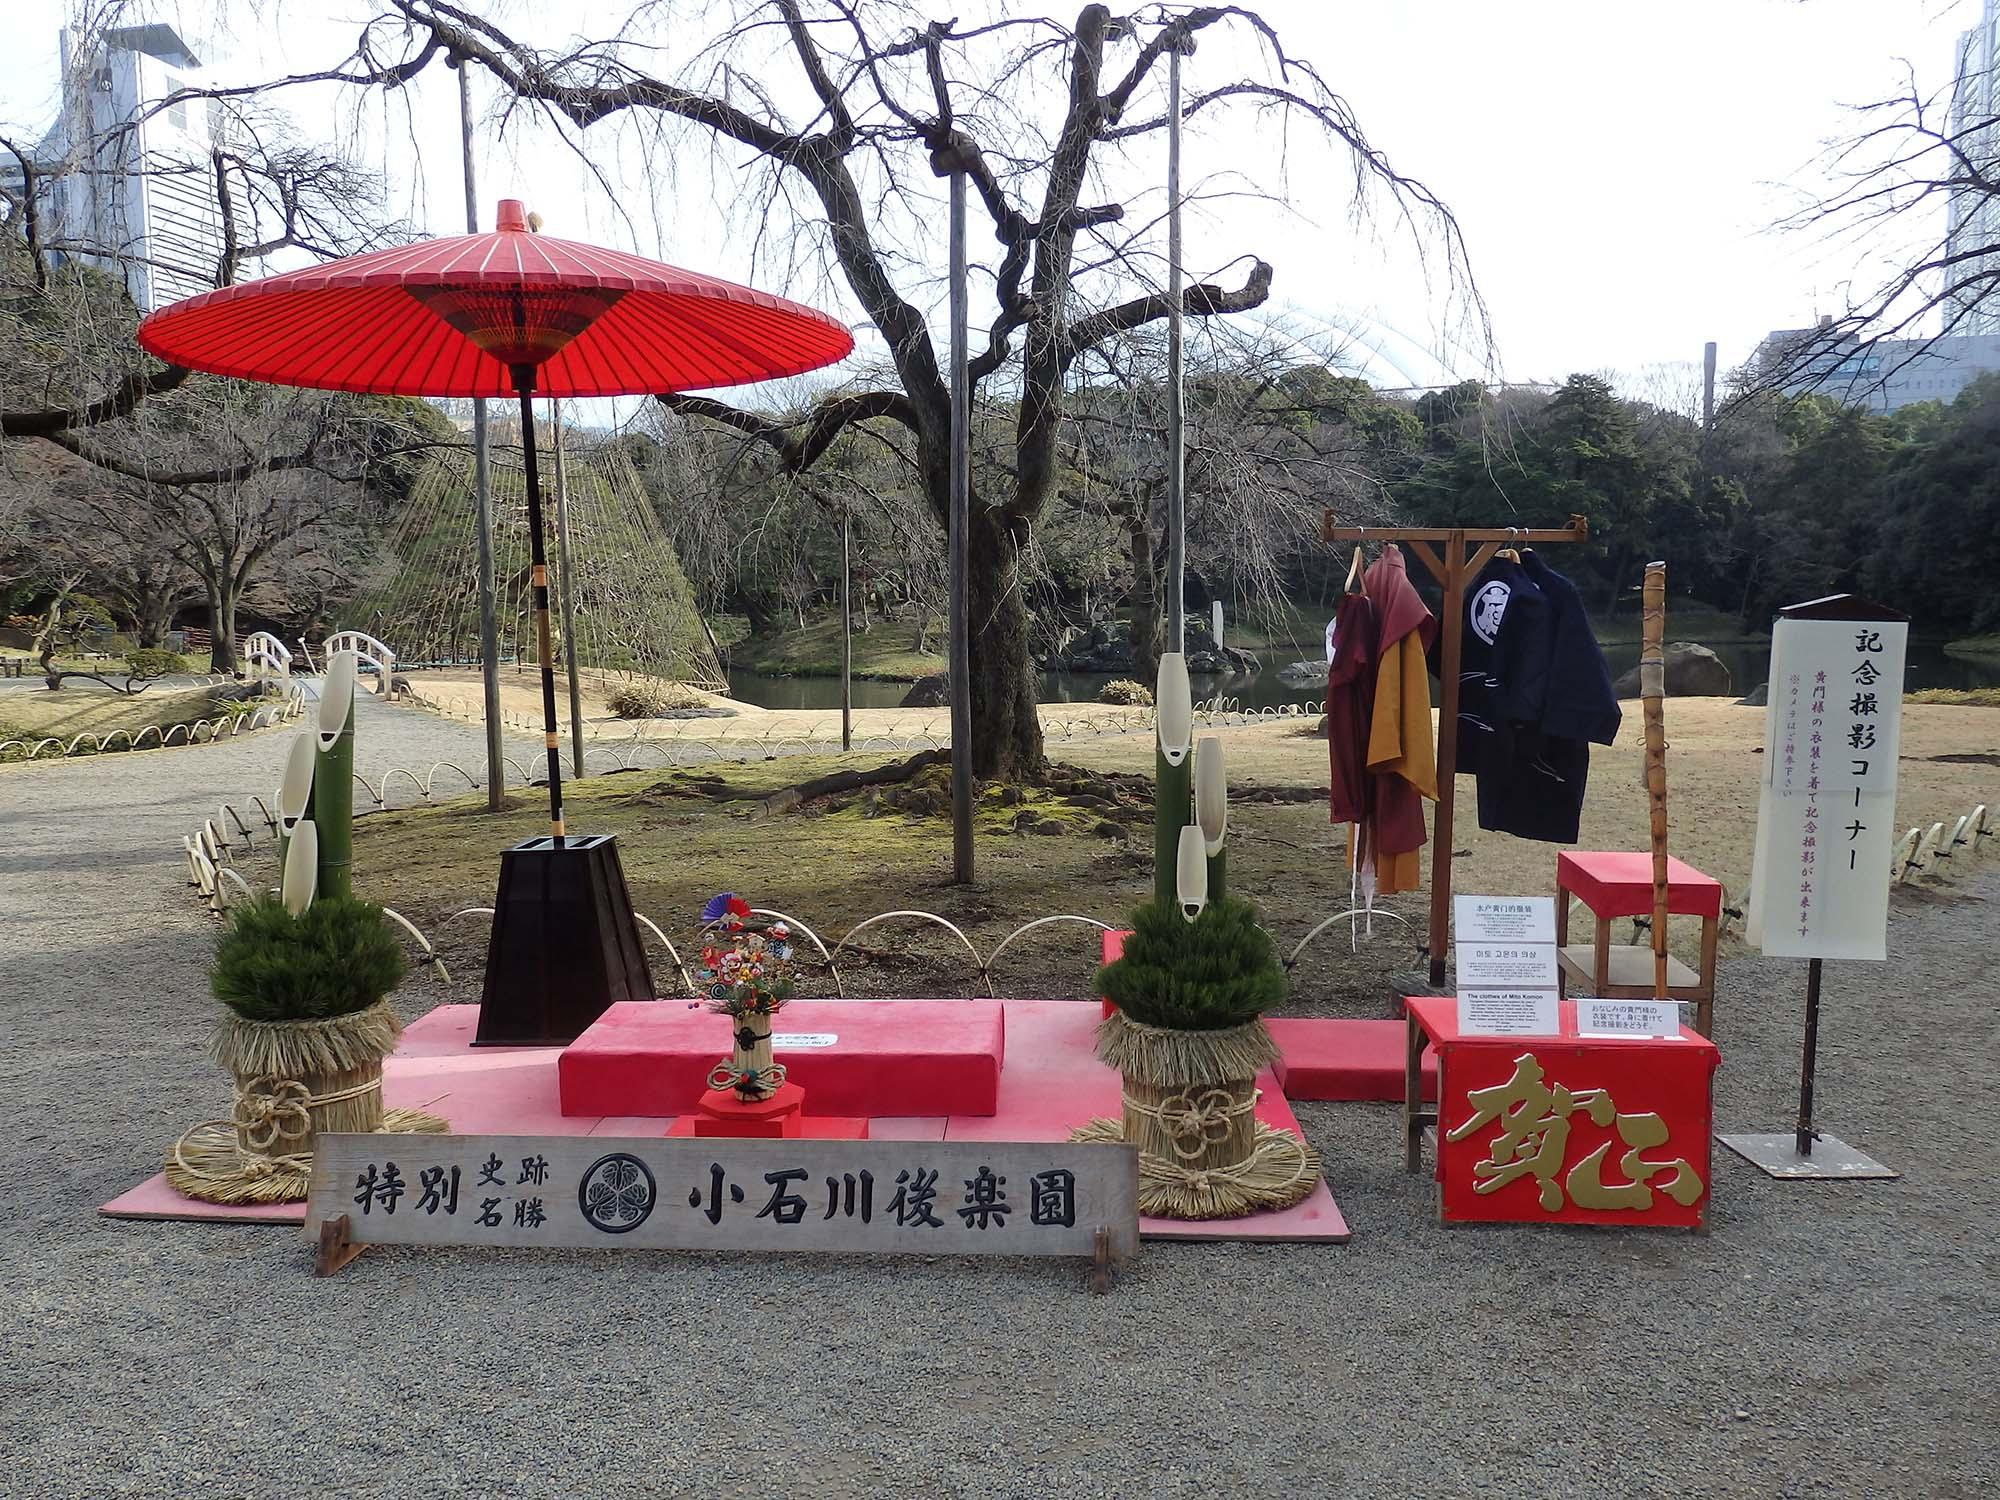 大名庭園でお正月2017 小石川後楽園 (amuzen article)